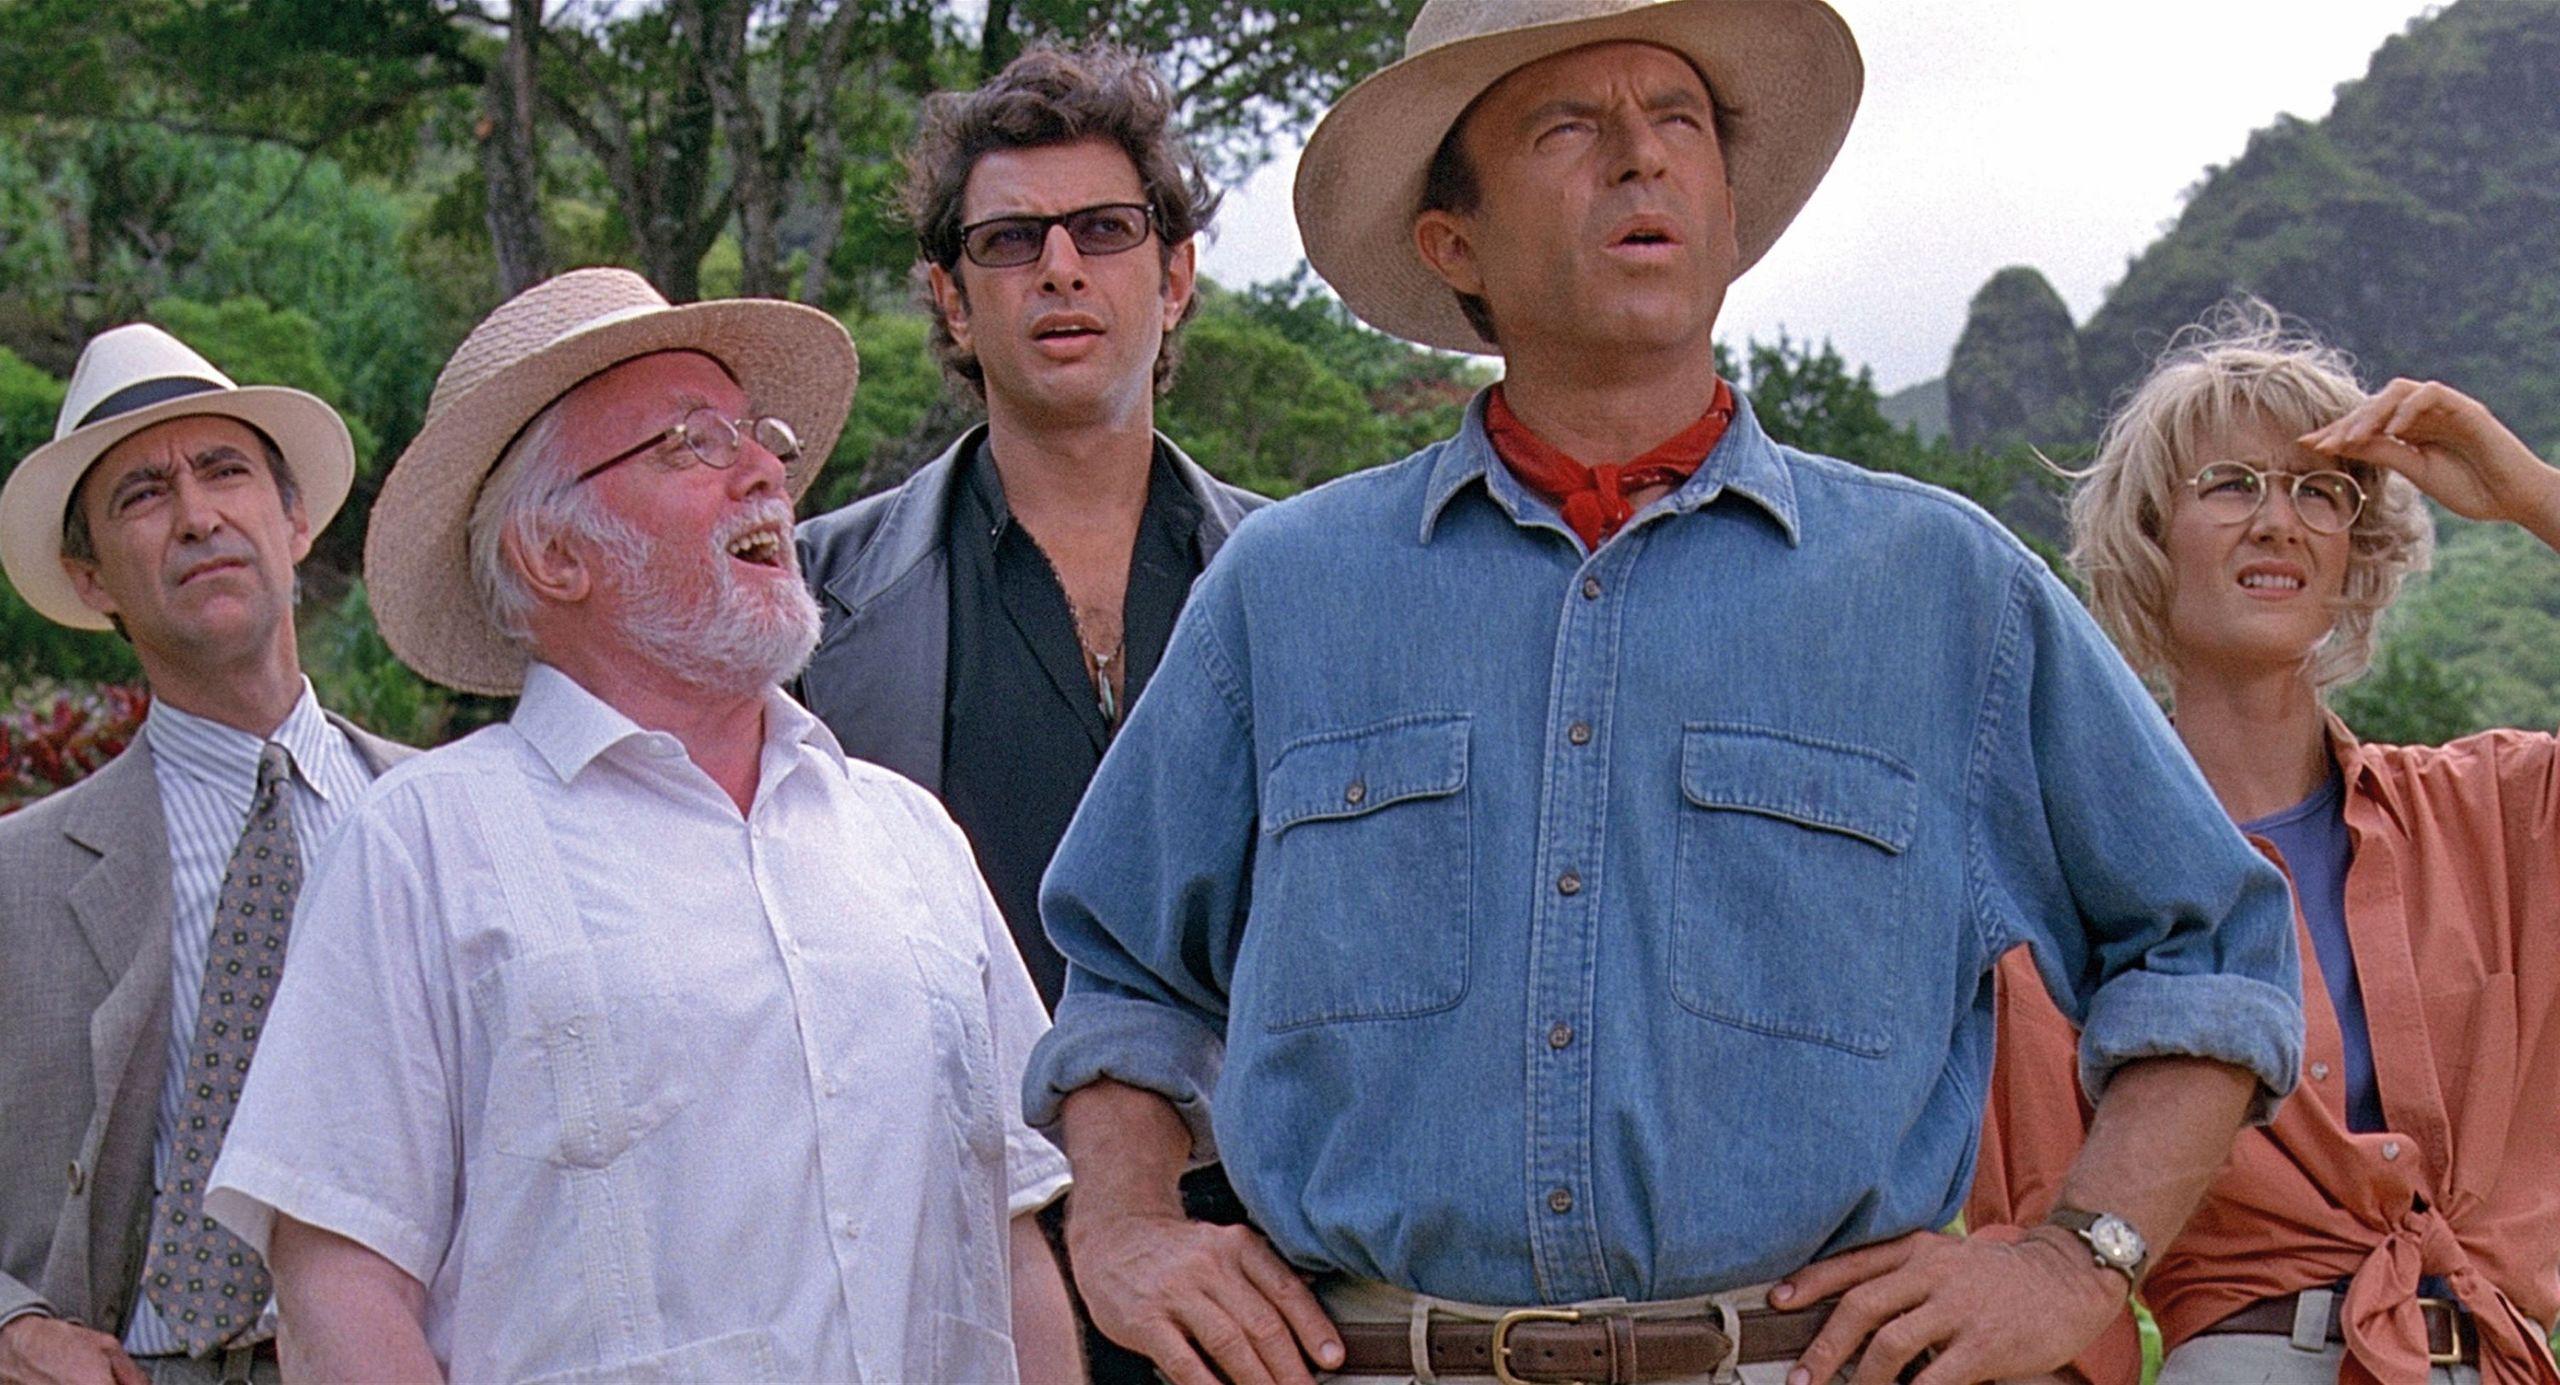 I Steven Spielbergs filmklassiker 'Jurassic Park' fra 1993 udfoldes kaosteorien af matematikeren Ian Malcolm, der afviser, at det er muligt at have kontrol med opdræt af dinosaurer. Han får ret. Foto: PR Foto Universal